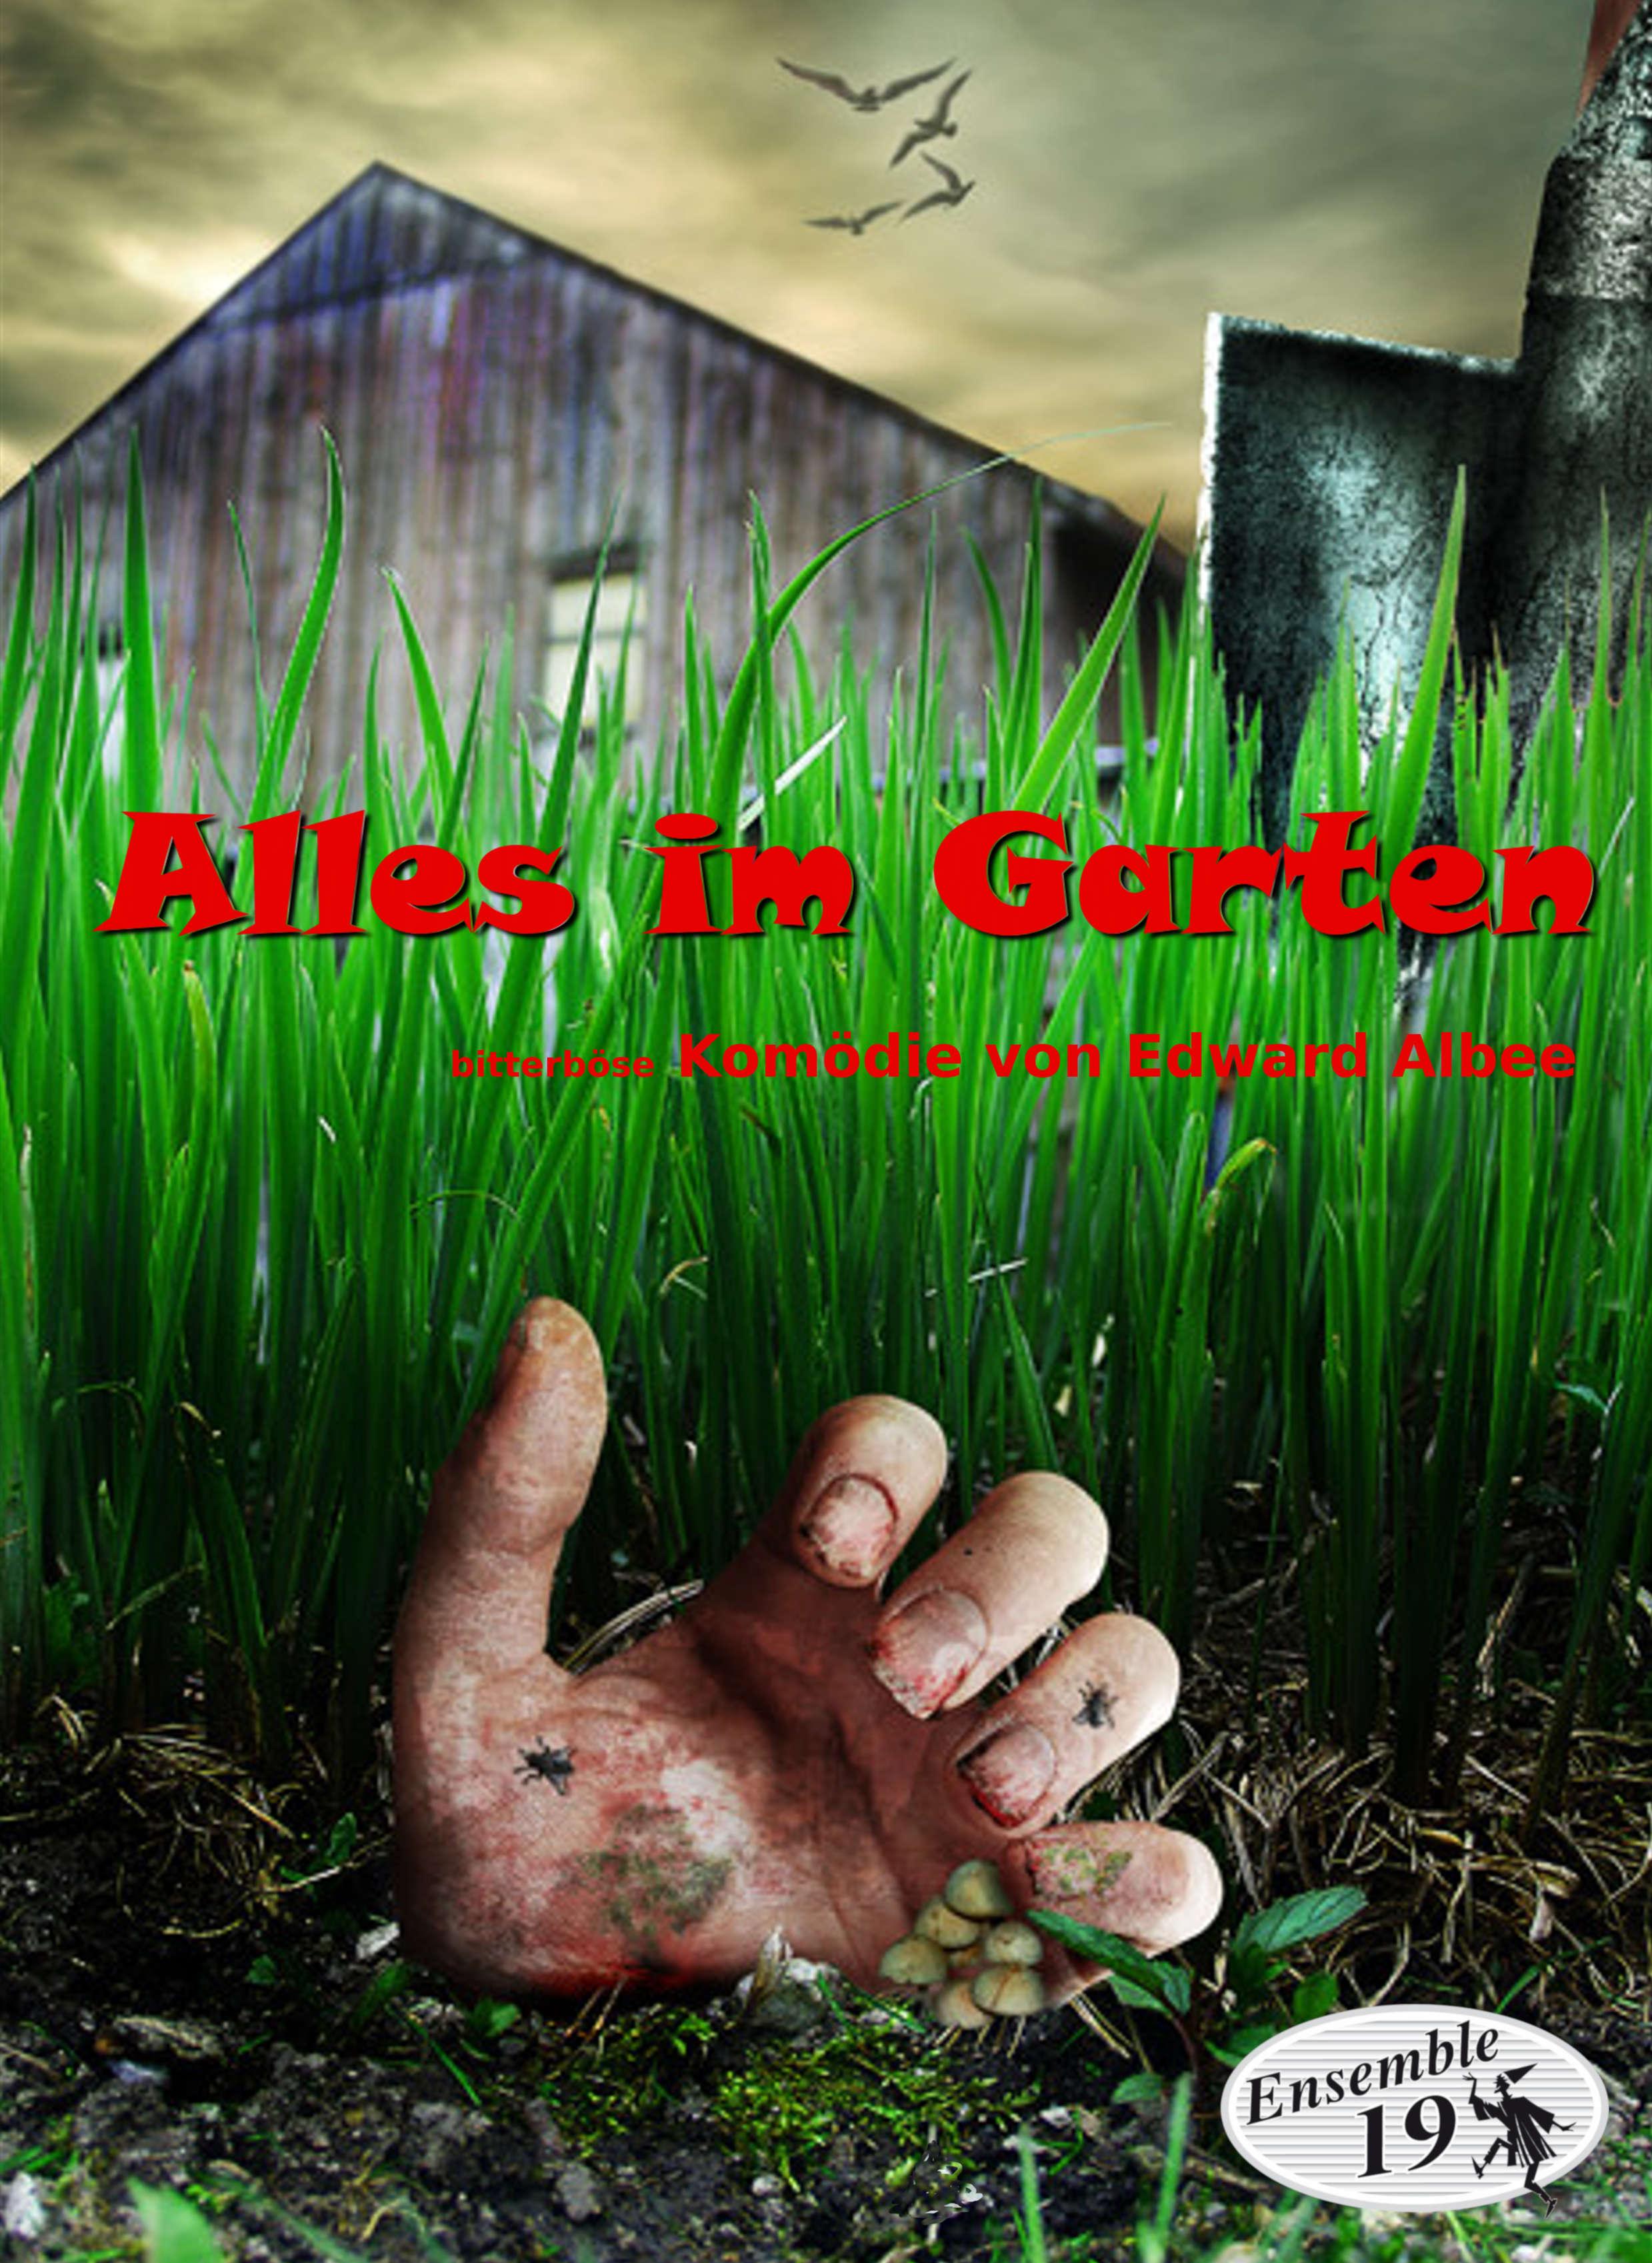 Alles im Garten - Premiere